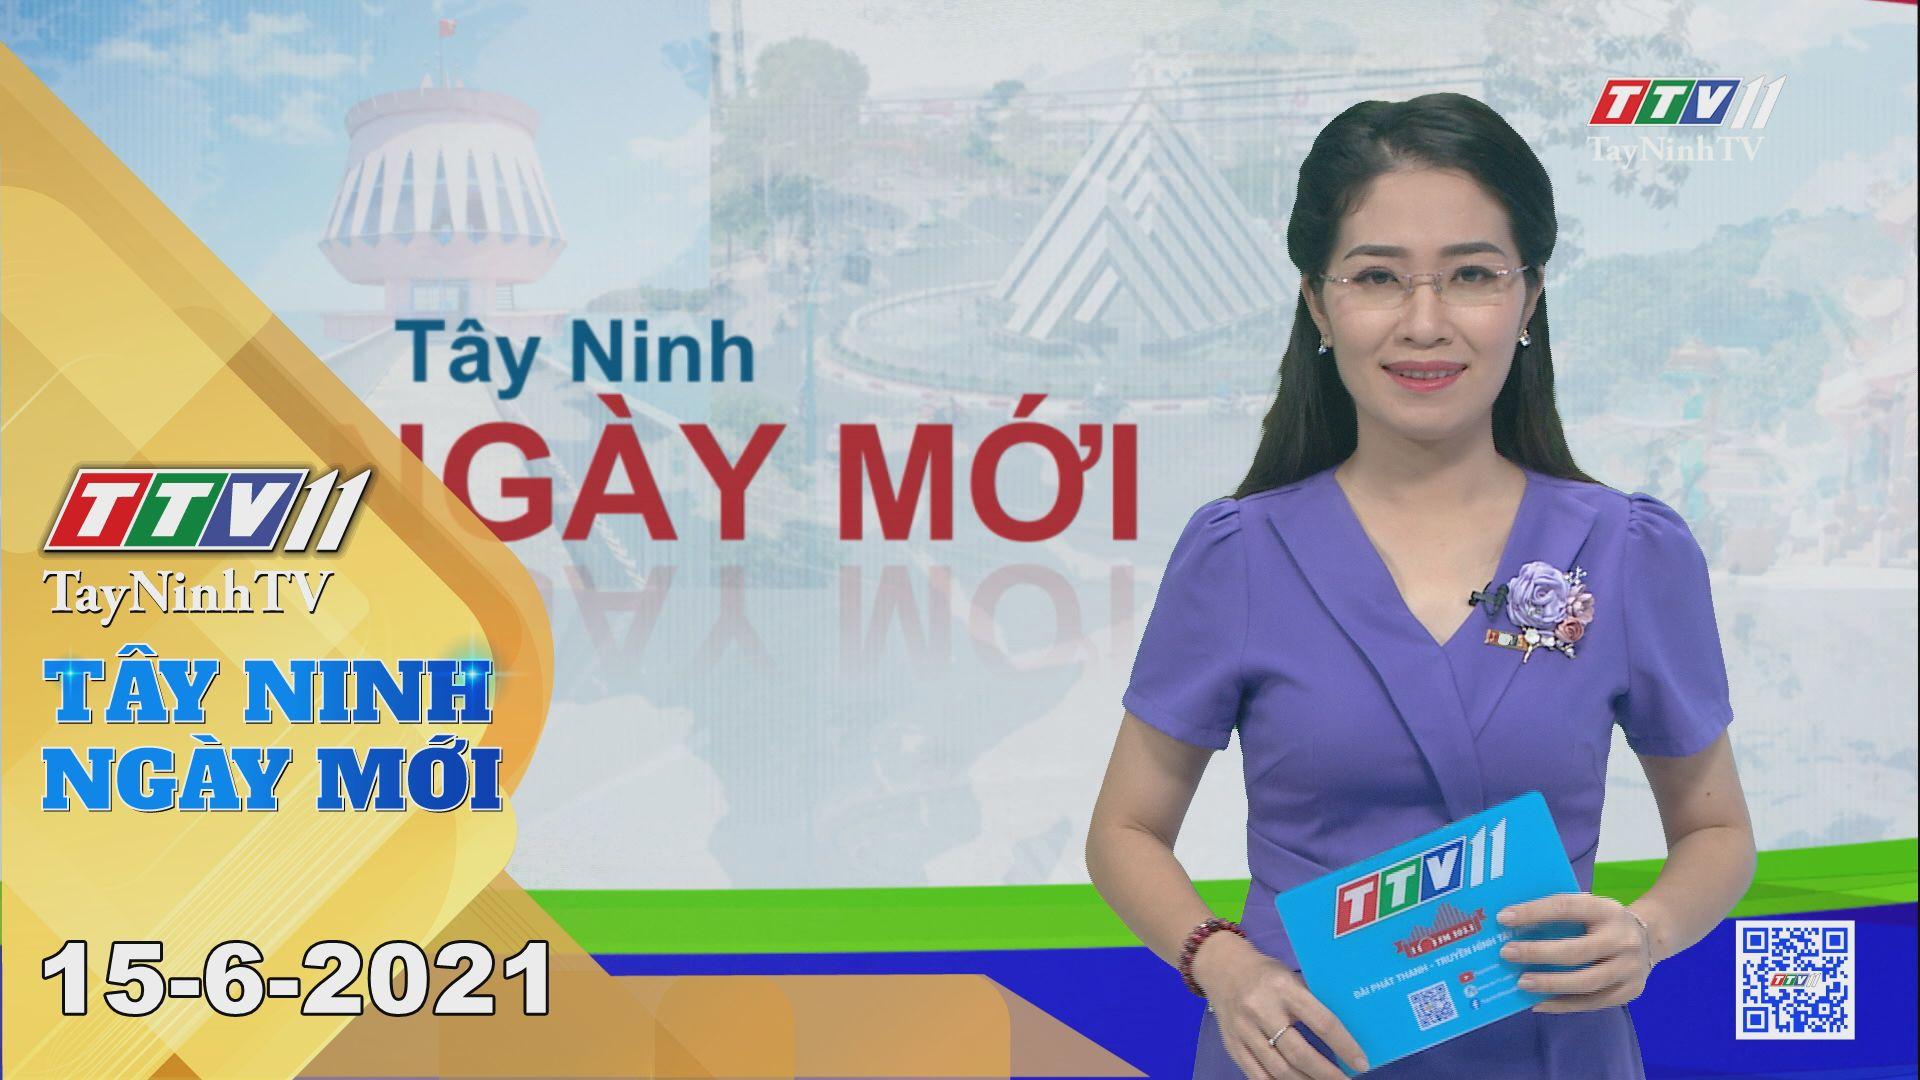 Tây Ninh Ngày Mới 15-6-2021 | Tin tức hôm nay | TayNinhTV